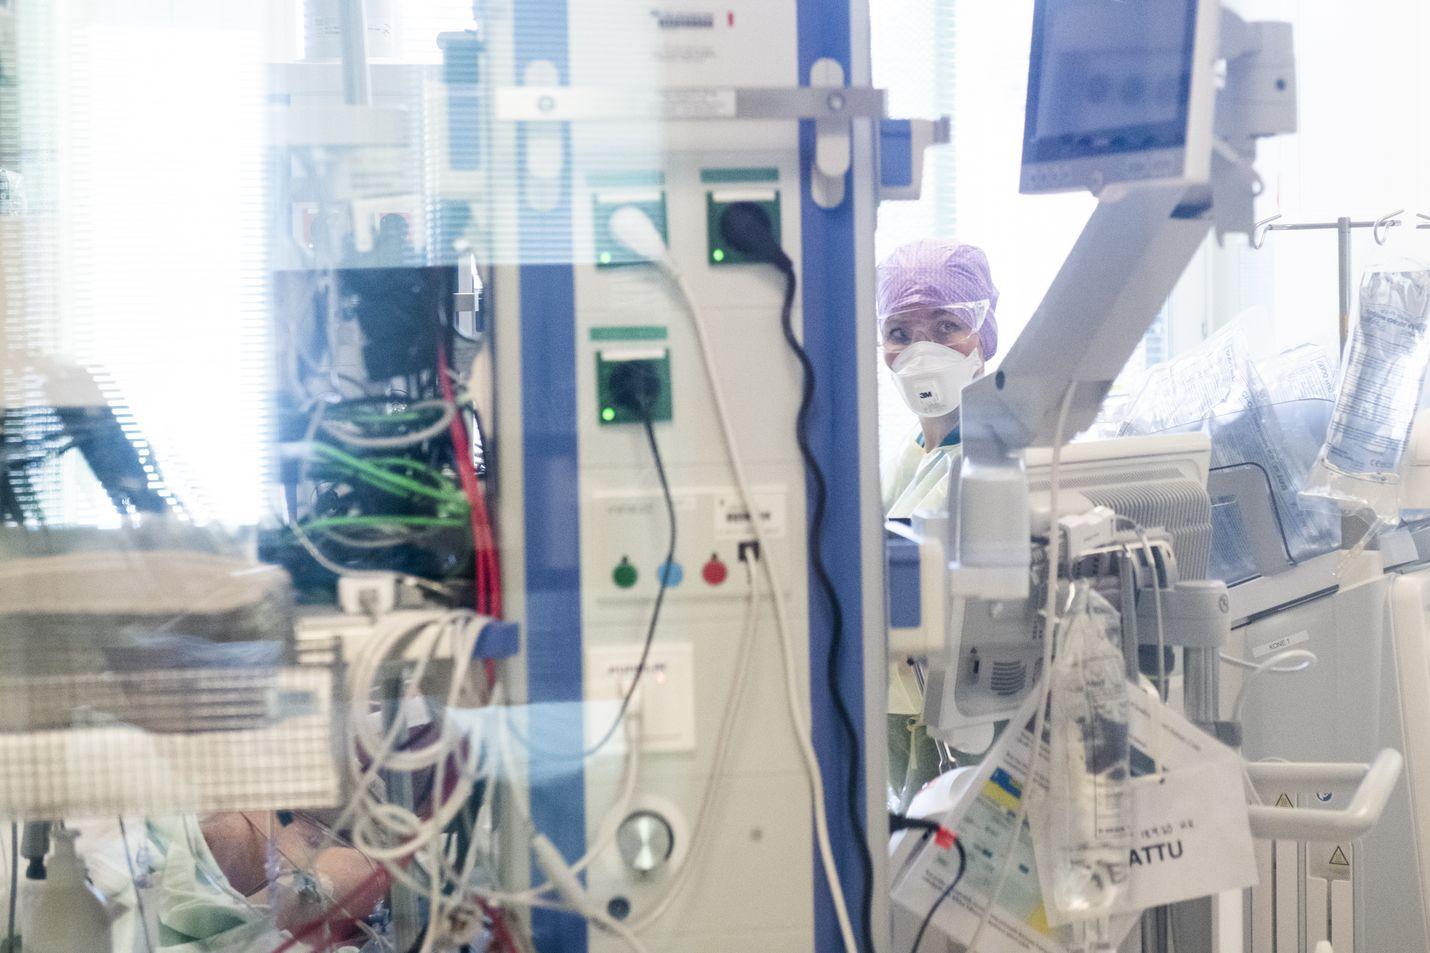 Uusia Covid-19 -tehohoitojaksoja on epidemian aikana alkanut eniten viikolla 15 eli huhtikuussa viime vuonna. Eniten tehohoitopotilaita on ollut ja on edelleen Helsingin ja Uudenmaan sairaanhoitopiirissä.